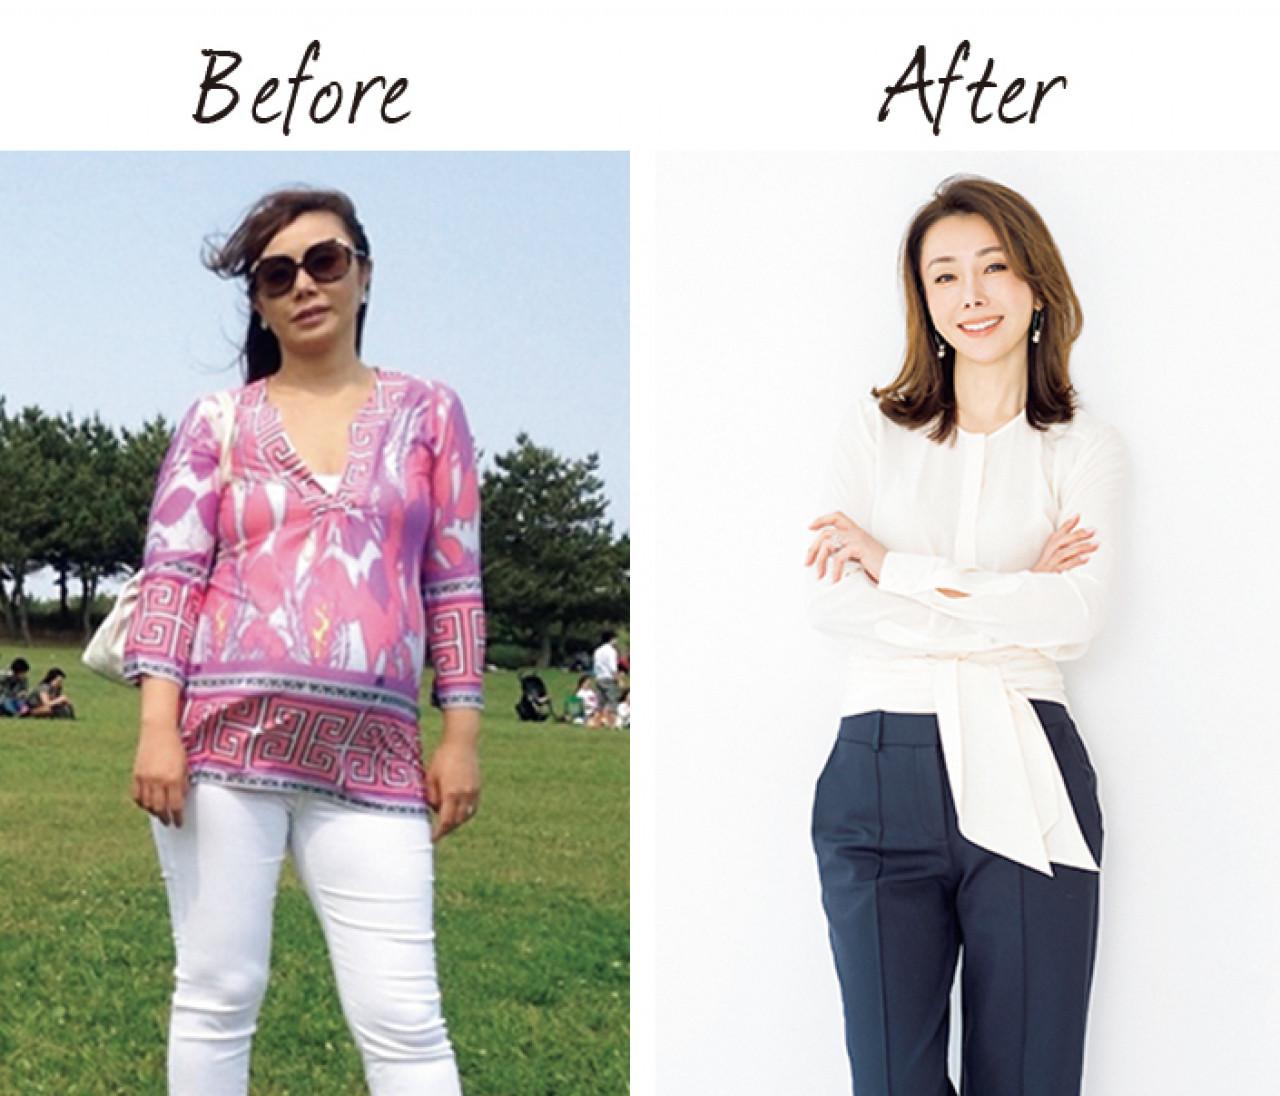 山本未奈子さんが産後太りから-23キロダイエットしたとき食べてたものって?【これ食べて痩せました 2】